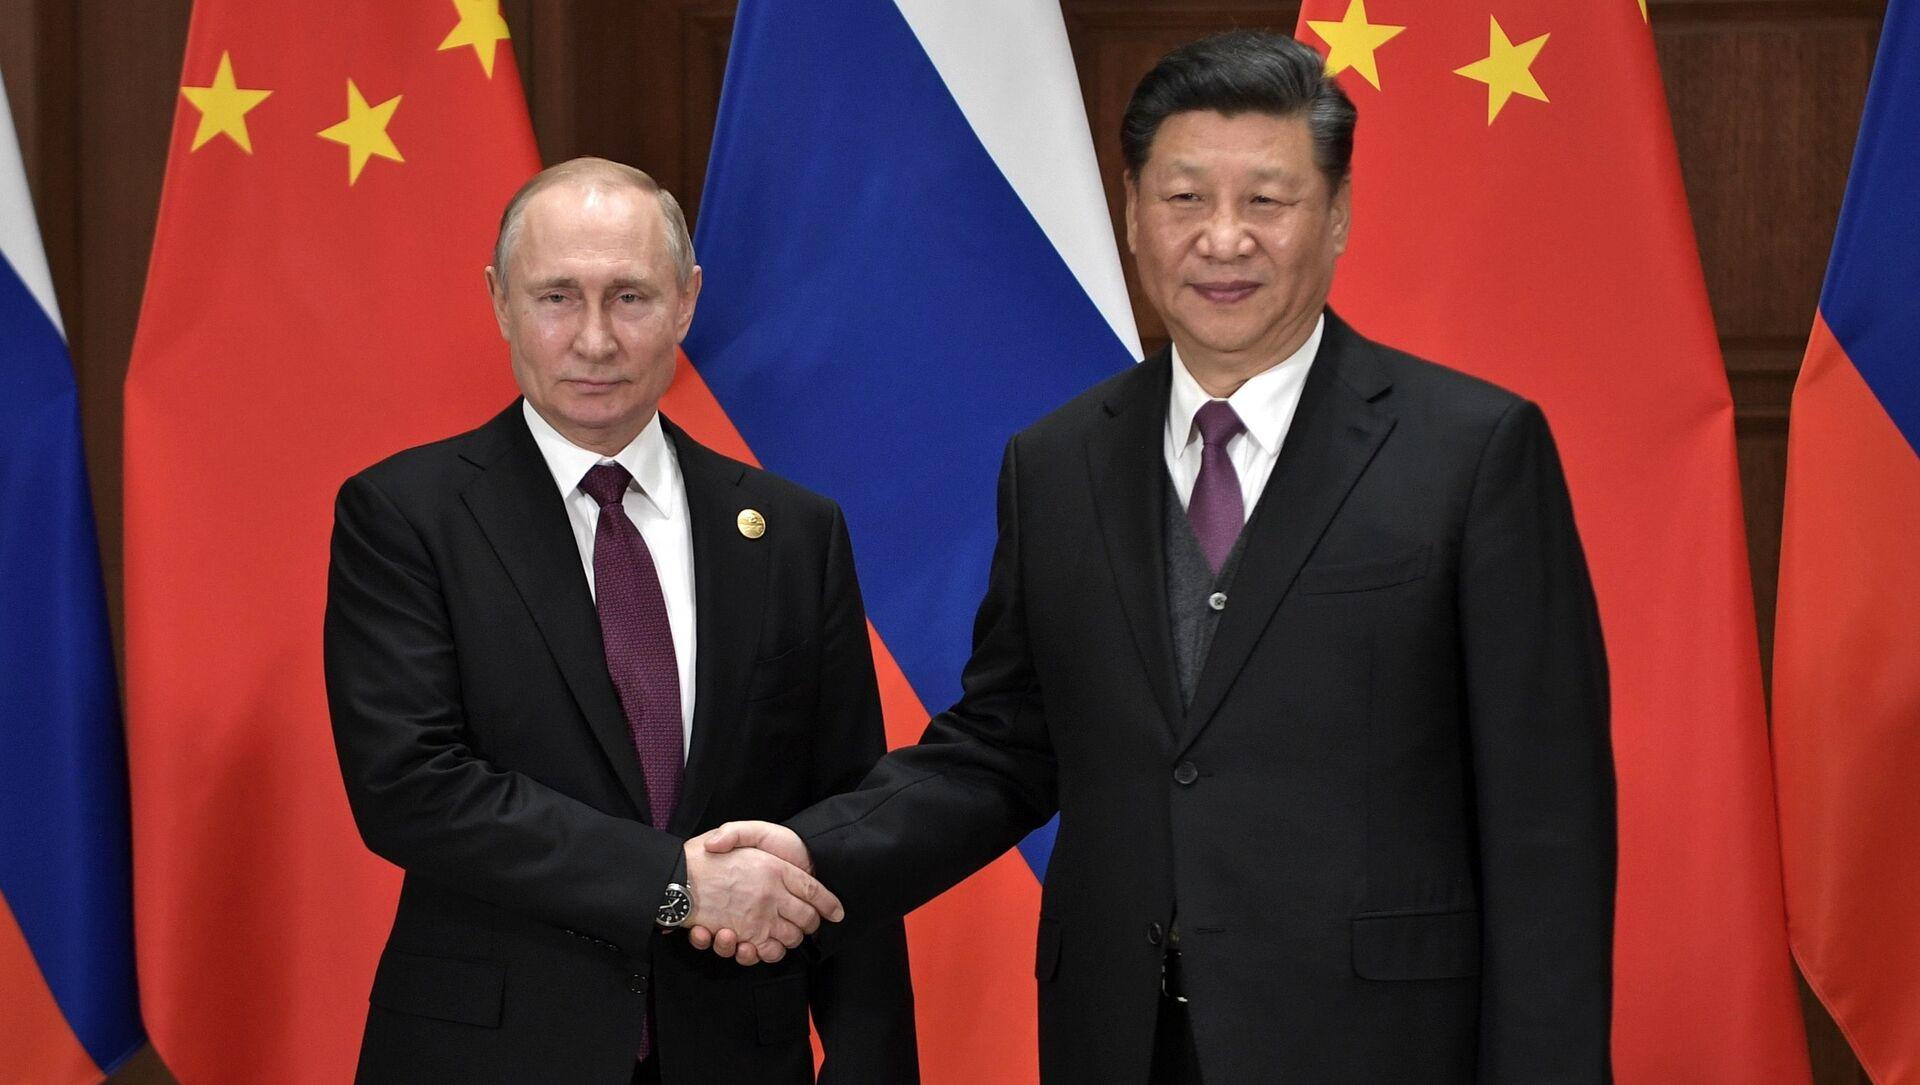 Tổng thống Nga Vladimir Putin  và Chủ tịch Trung Quốc Tập Cận Bình - Sputnik Việt Nam, 1920, 18.05.2021